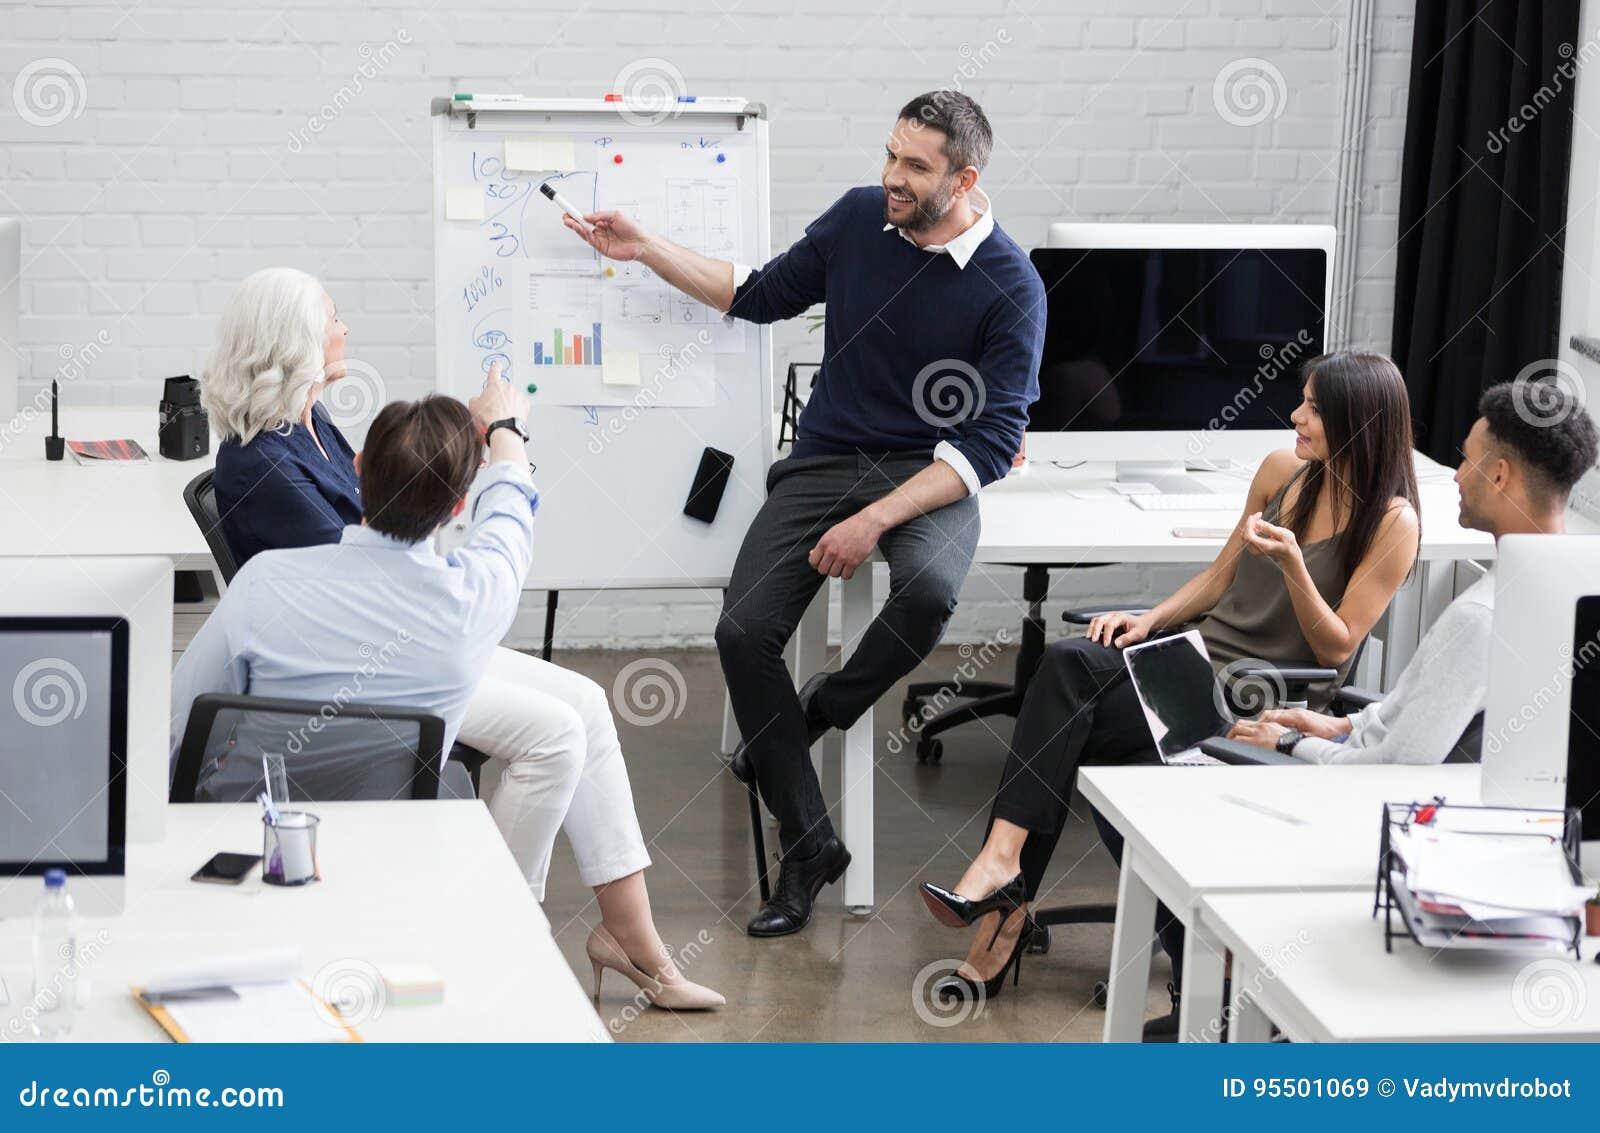 Reunião de negócios ou uma apresentação na sala de conferências moderna